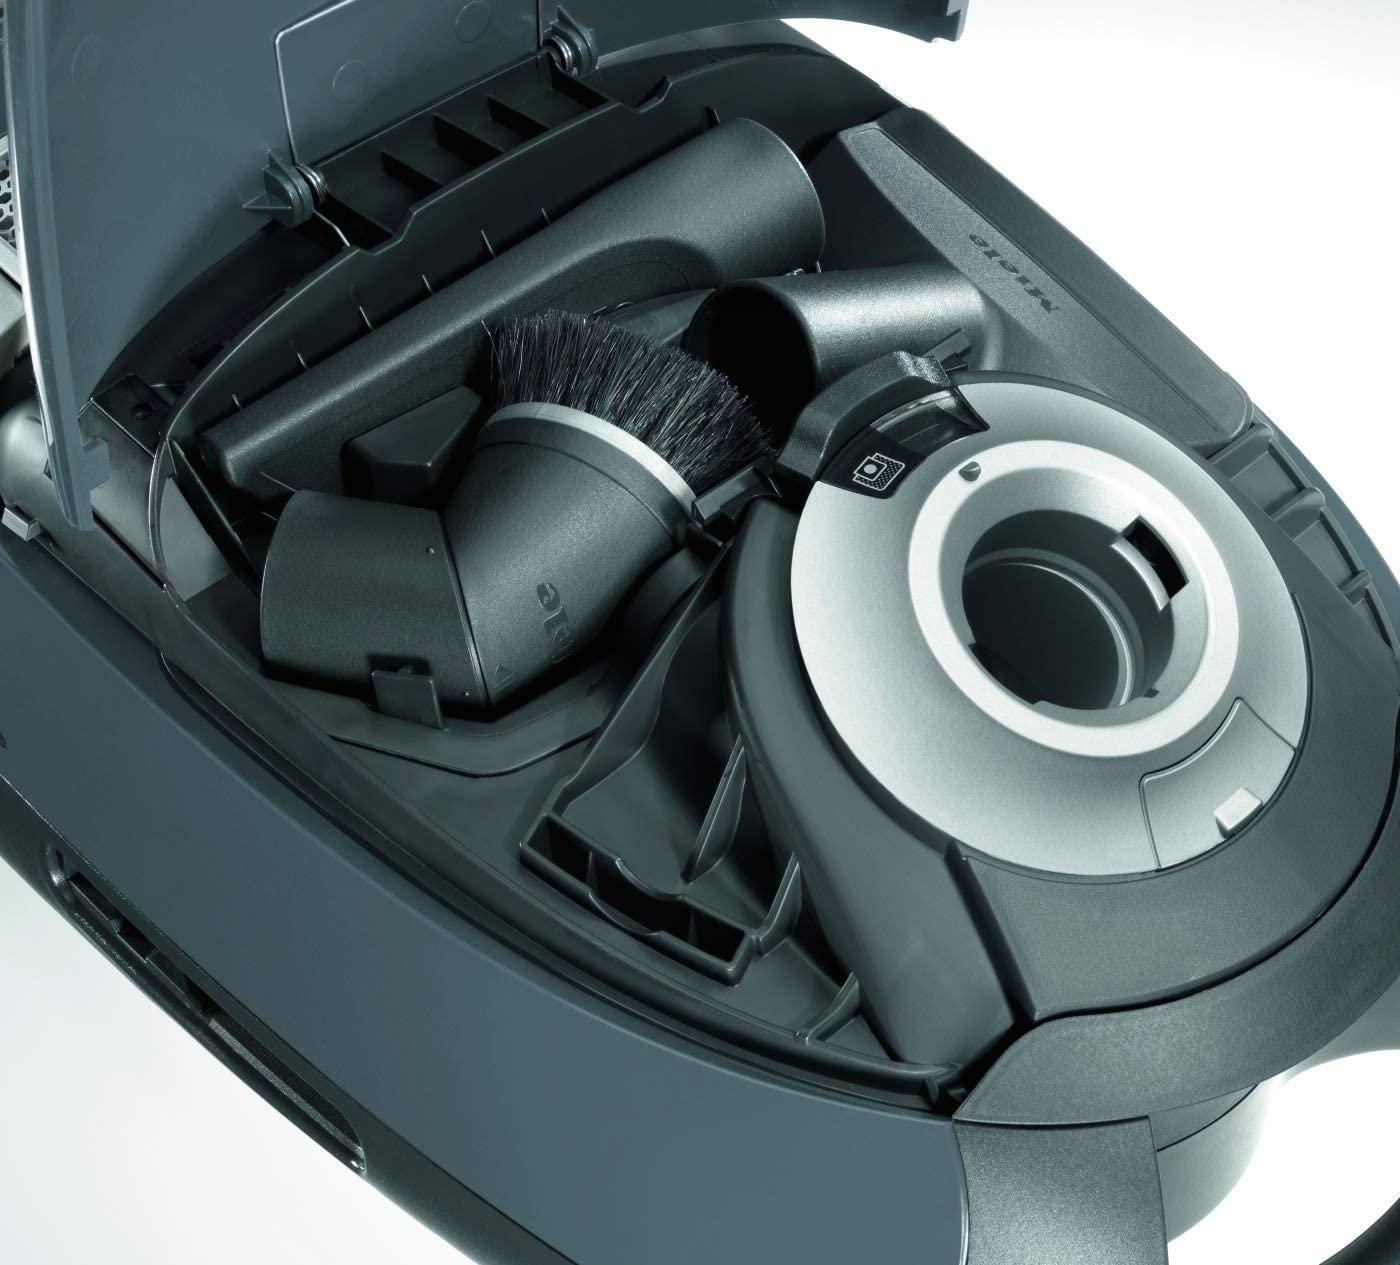 جارو برقی میله مدل C3 EcoLine رنگ خاکستری